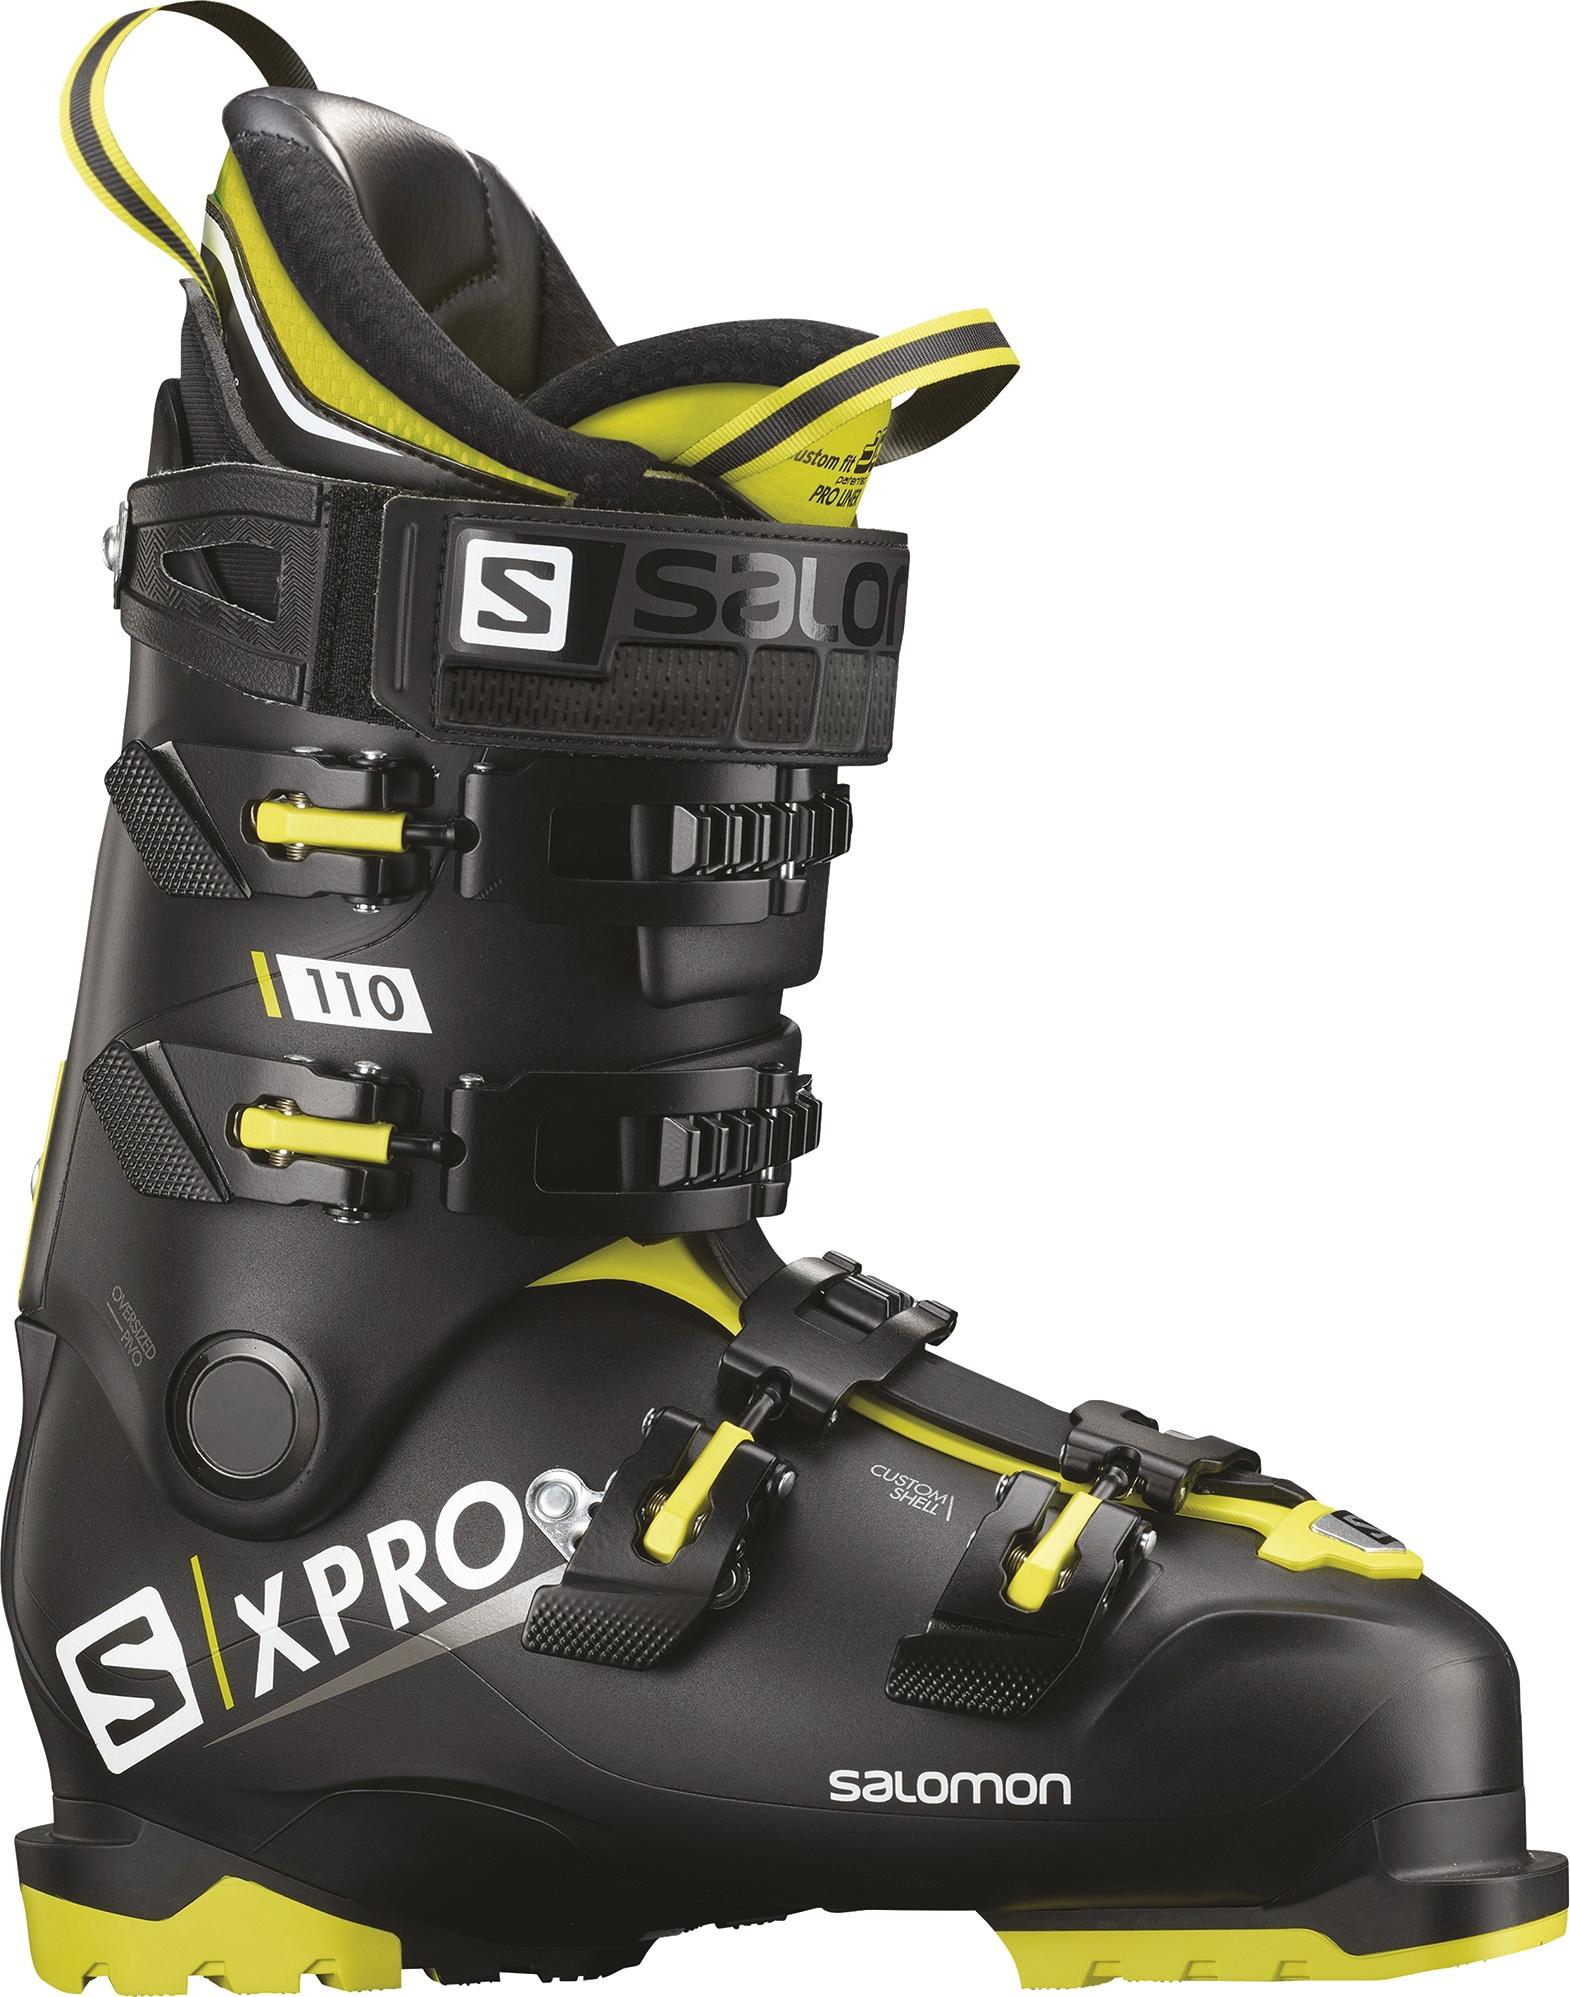 Горнолыжные ботинки Salomon X Pro 110 2019, black/acid green/anthracite, 29.5 фото